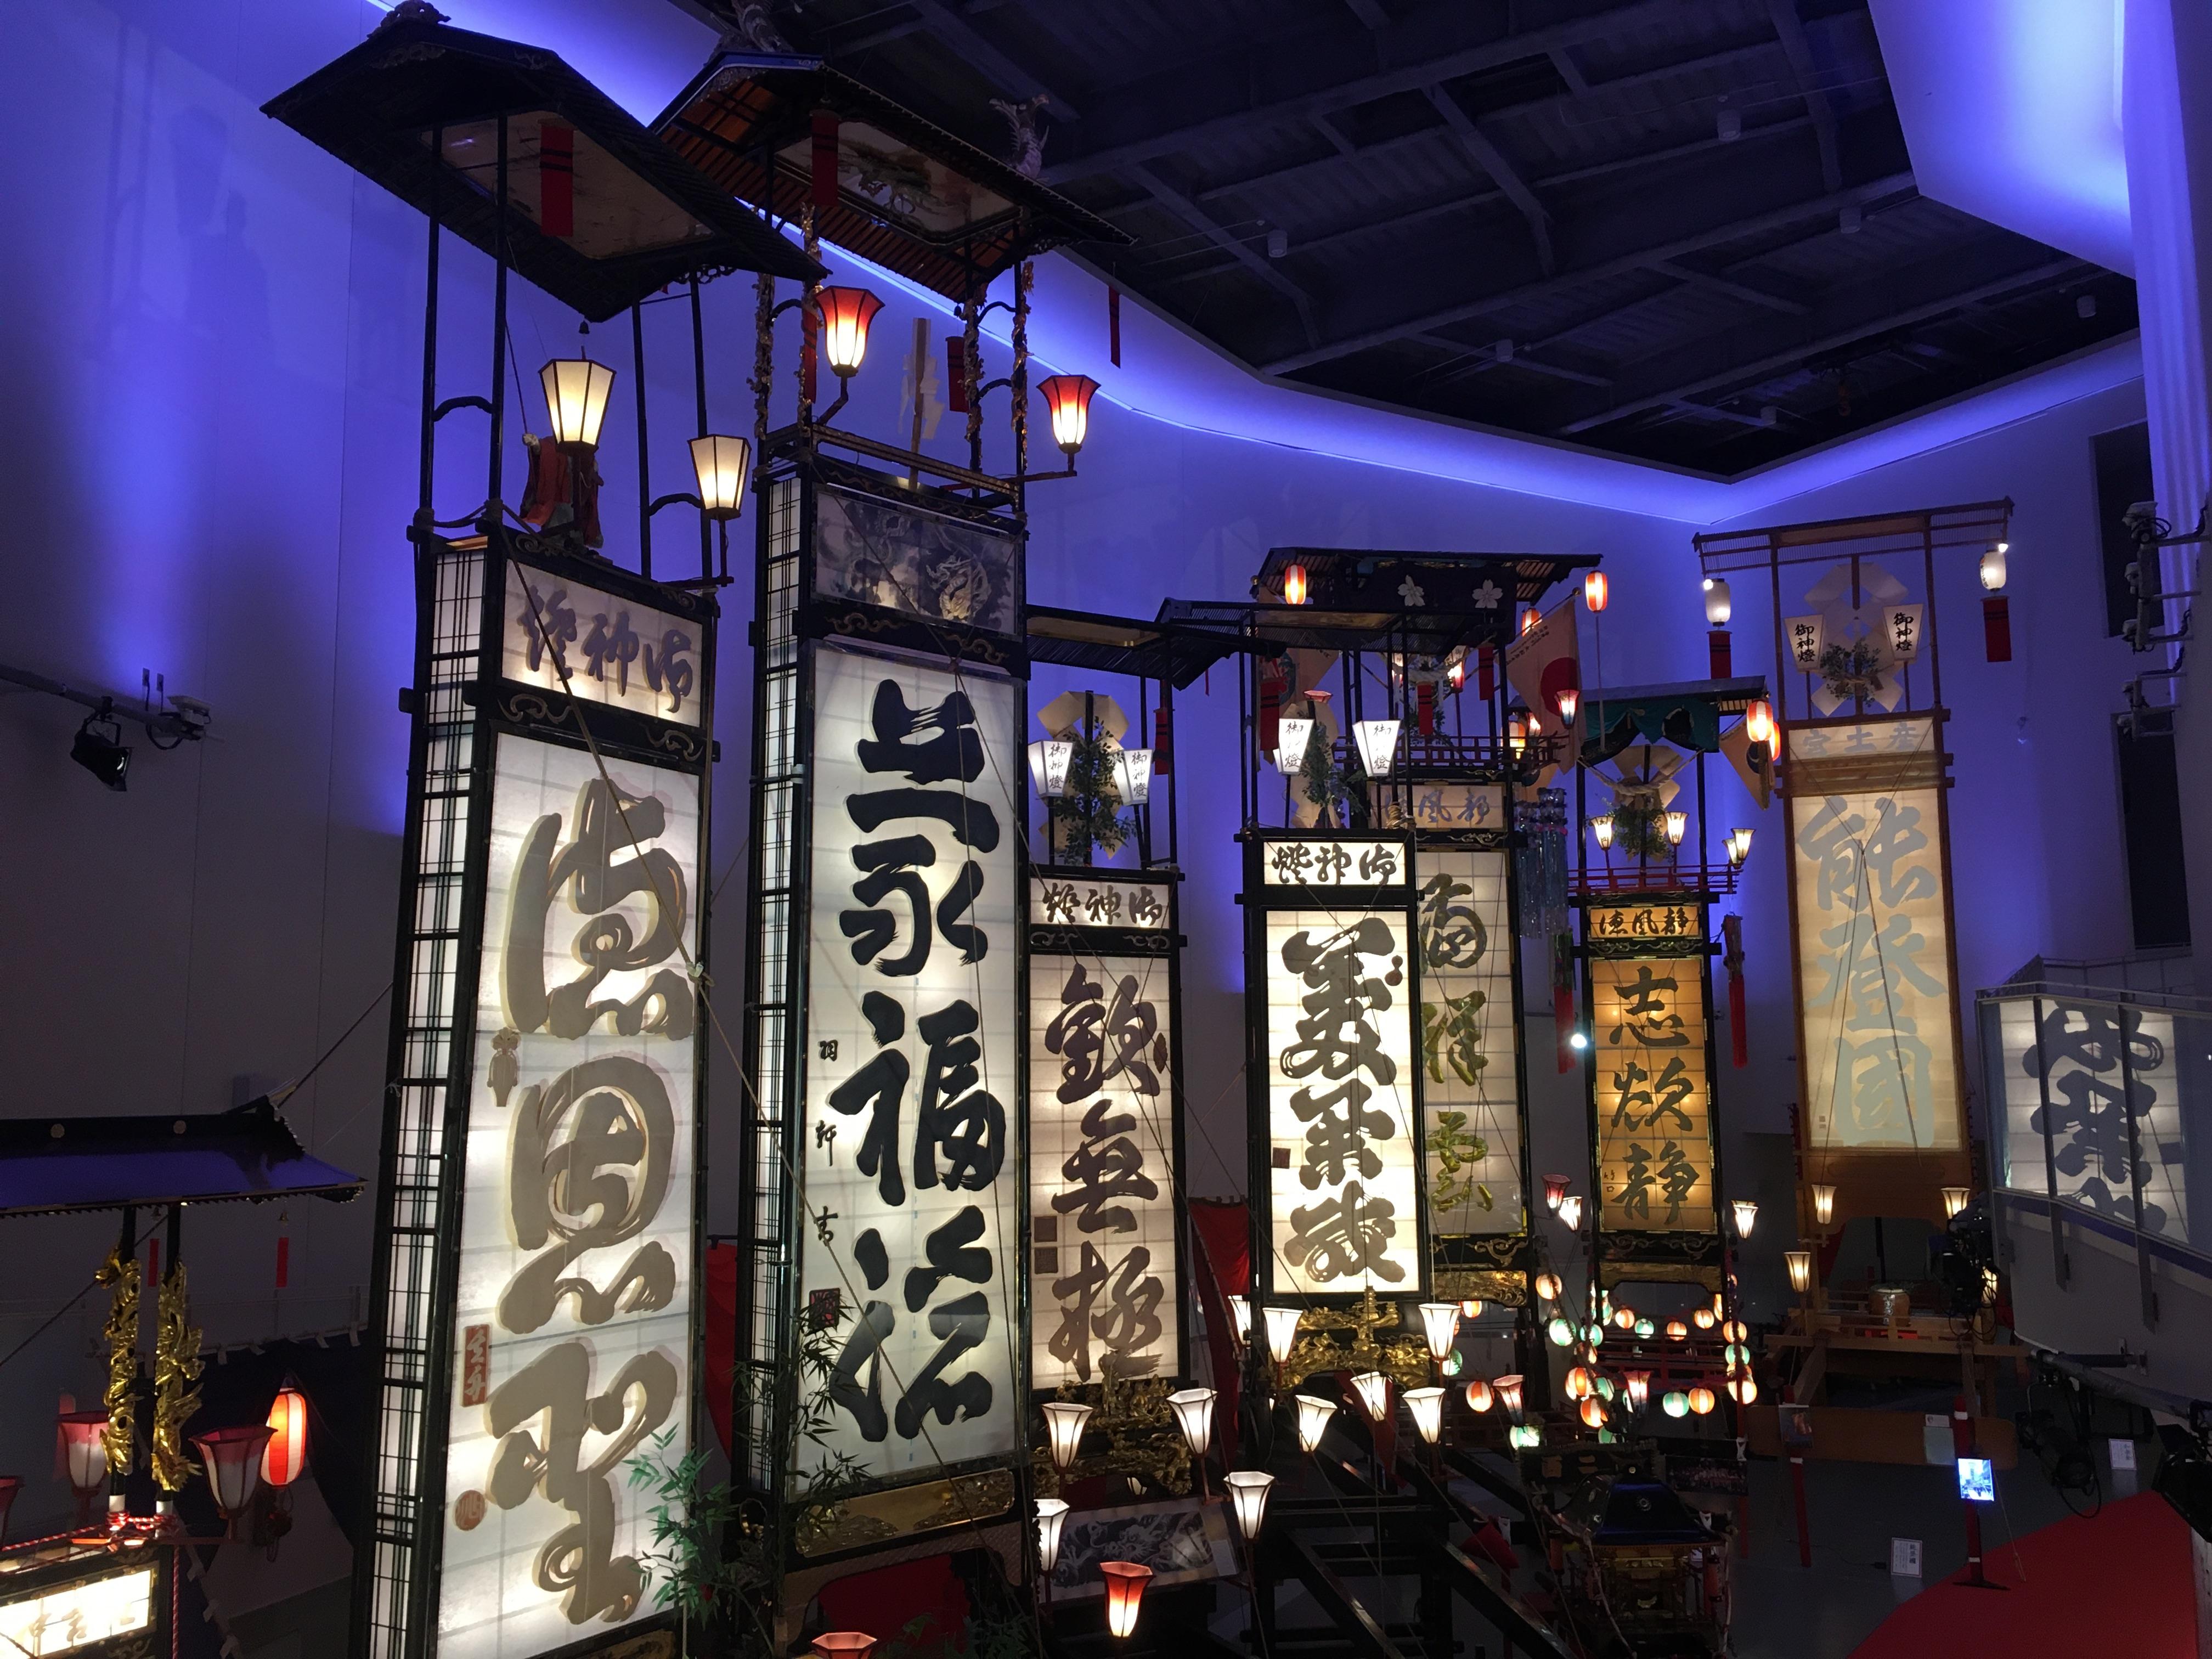 輪島キリコ会館|館長さんからキリコ祭りの文化について聞くことができました。